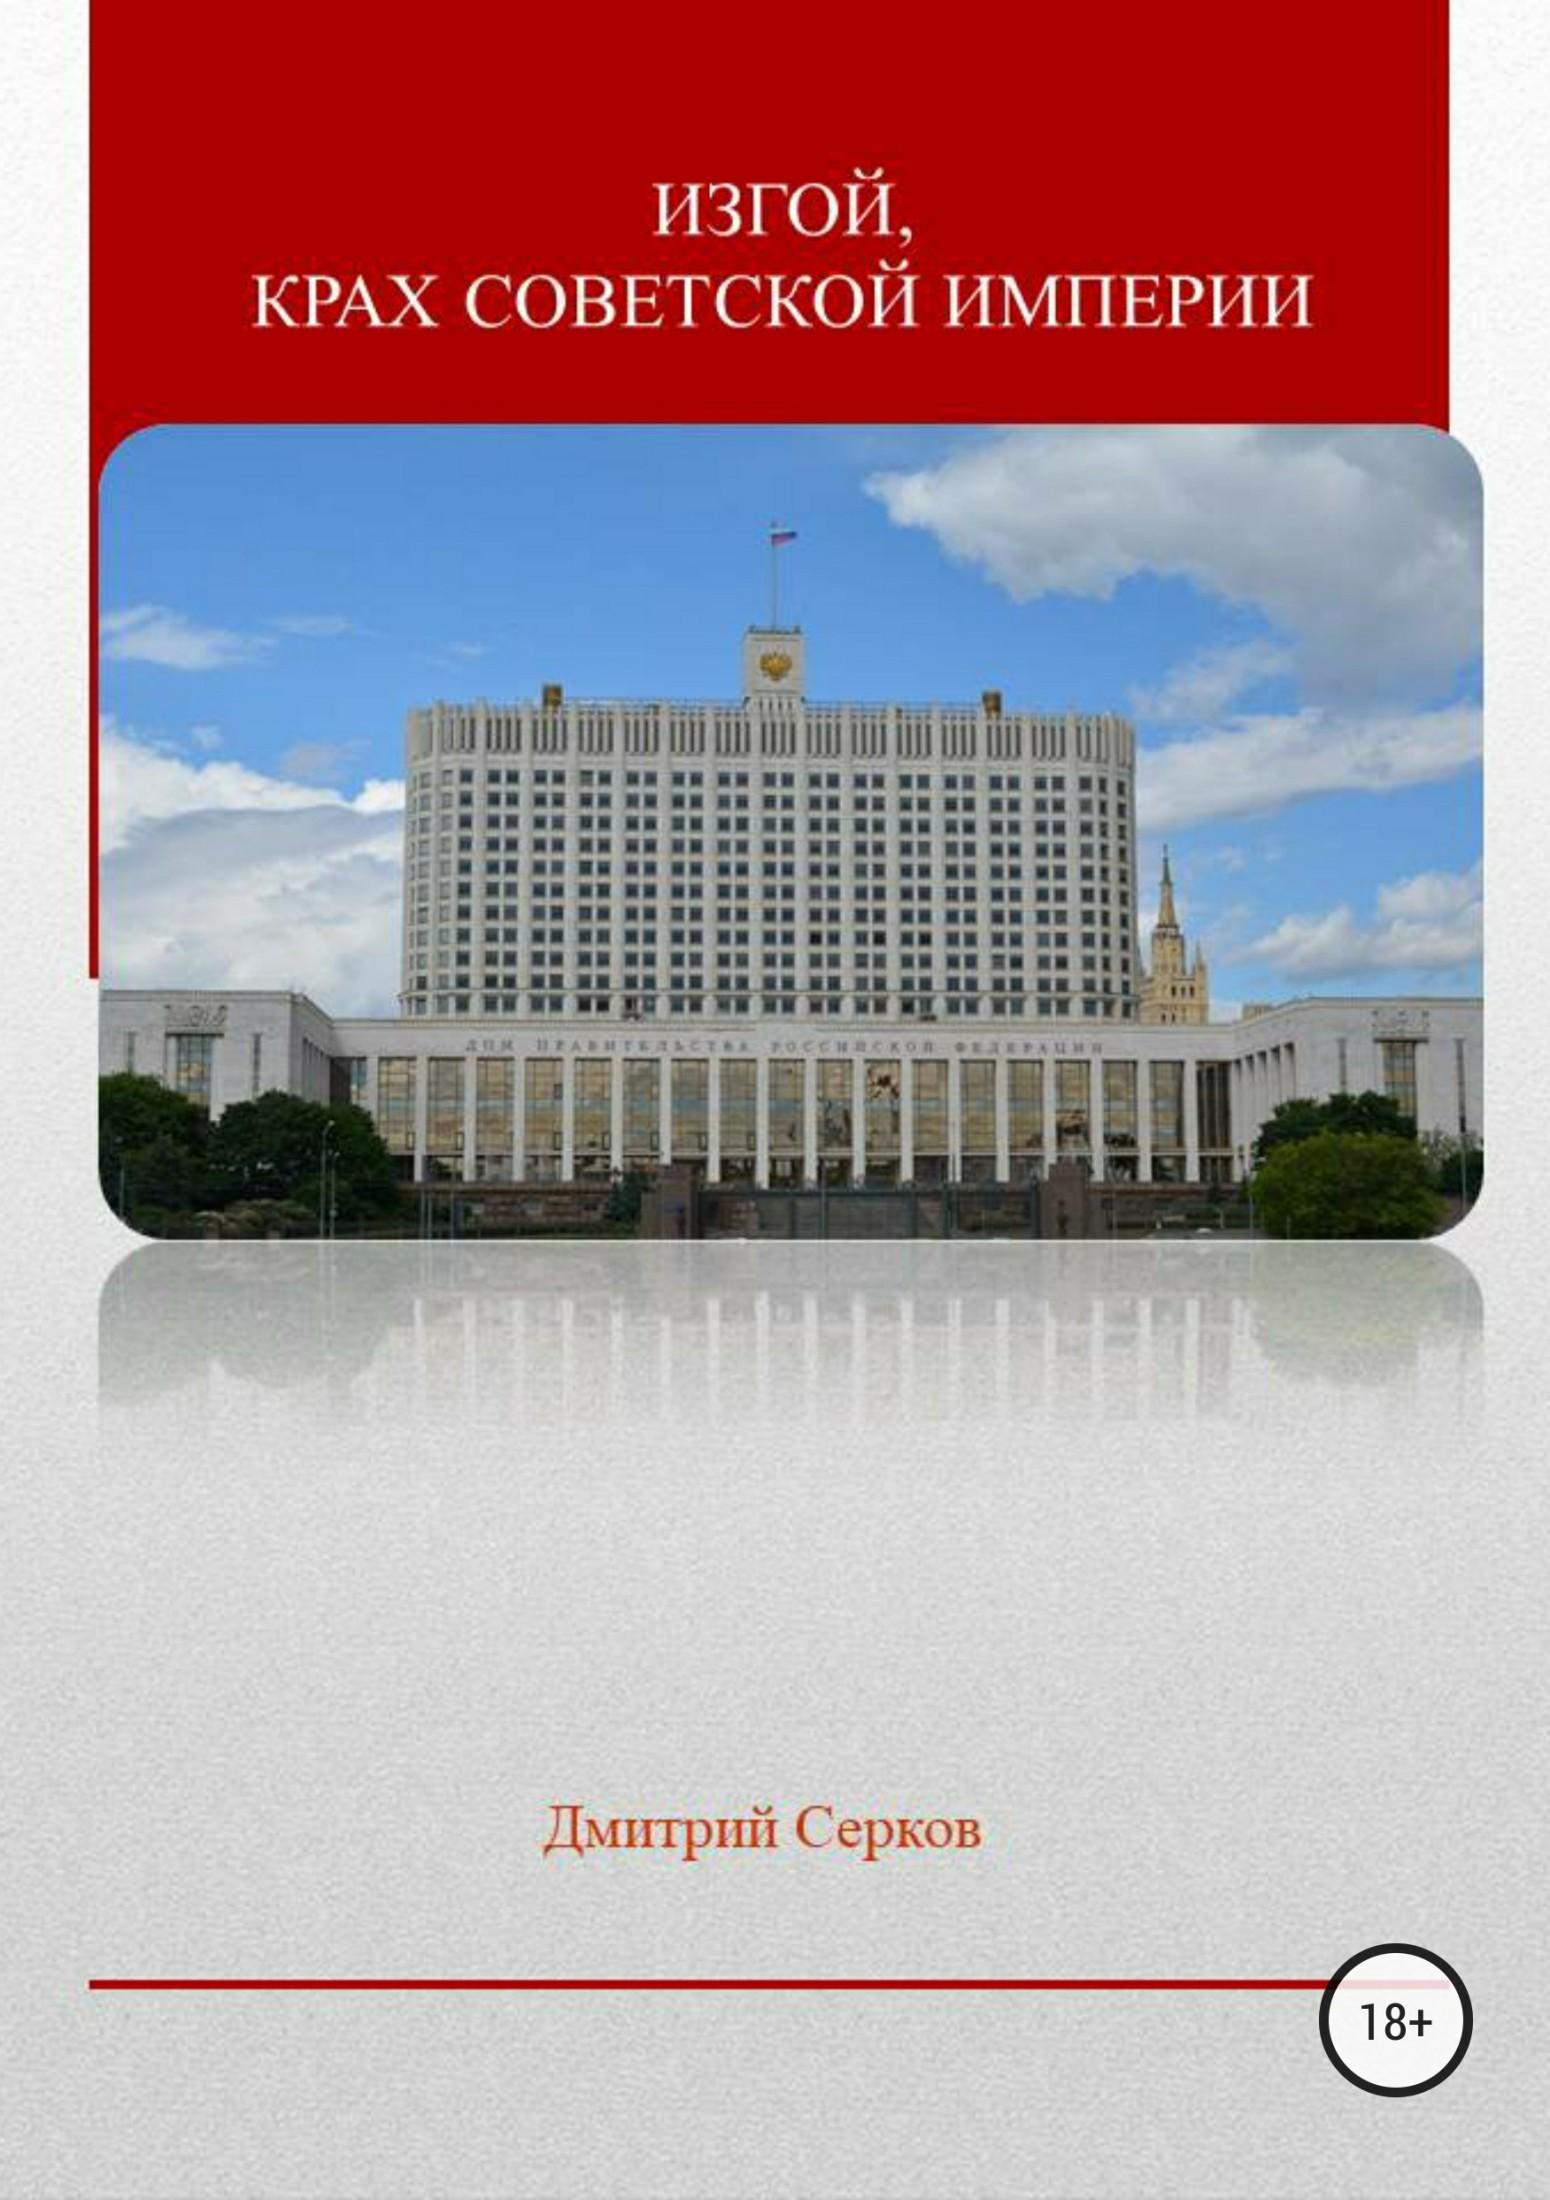 Дмитрий Серков - Изгой, крах советской империи